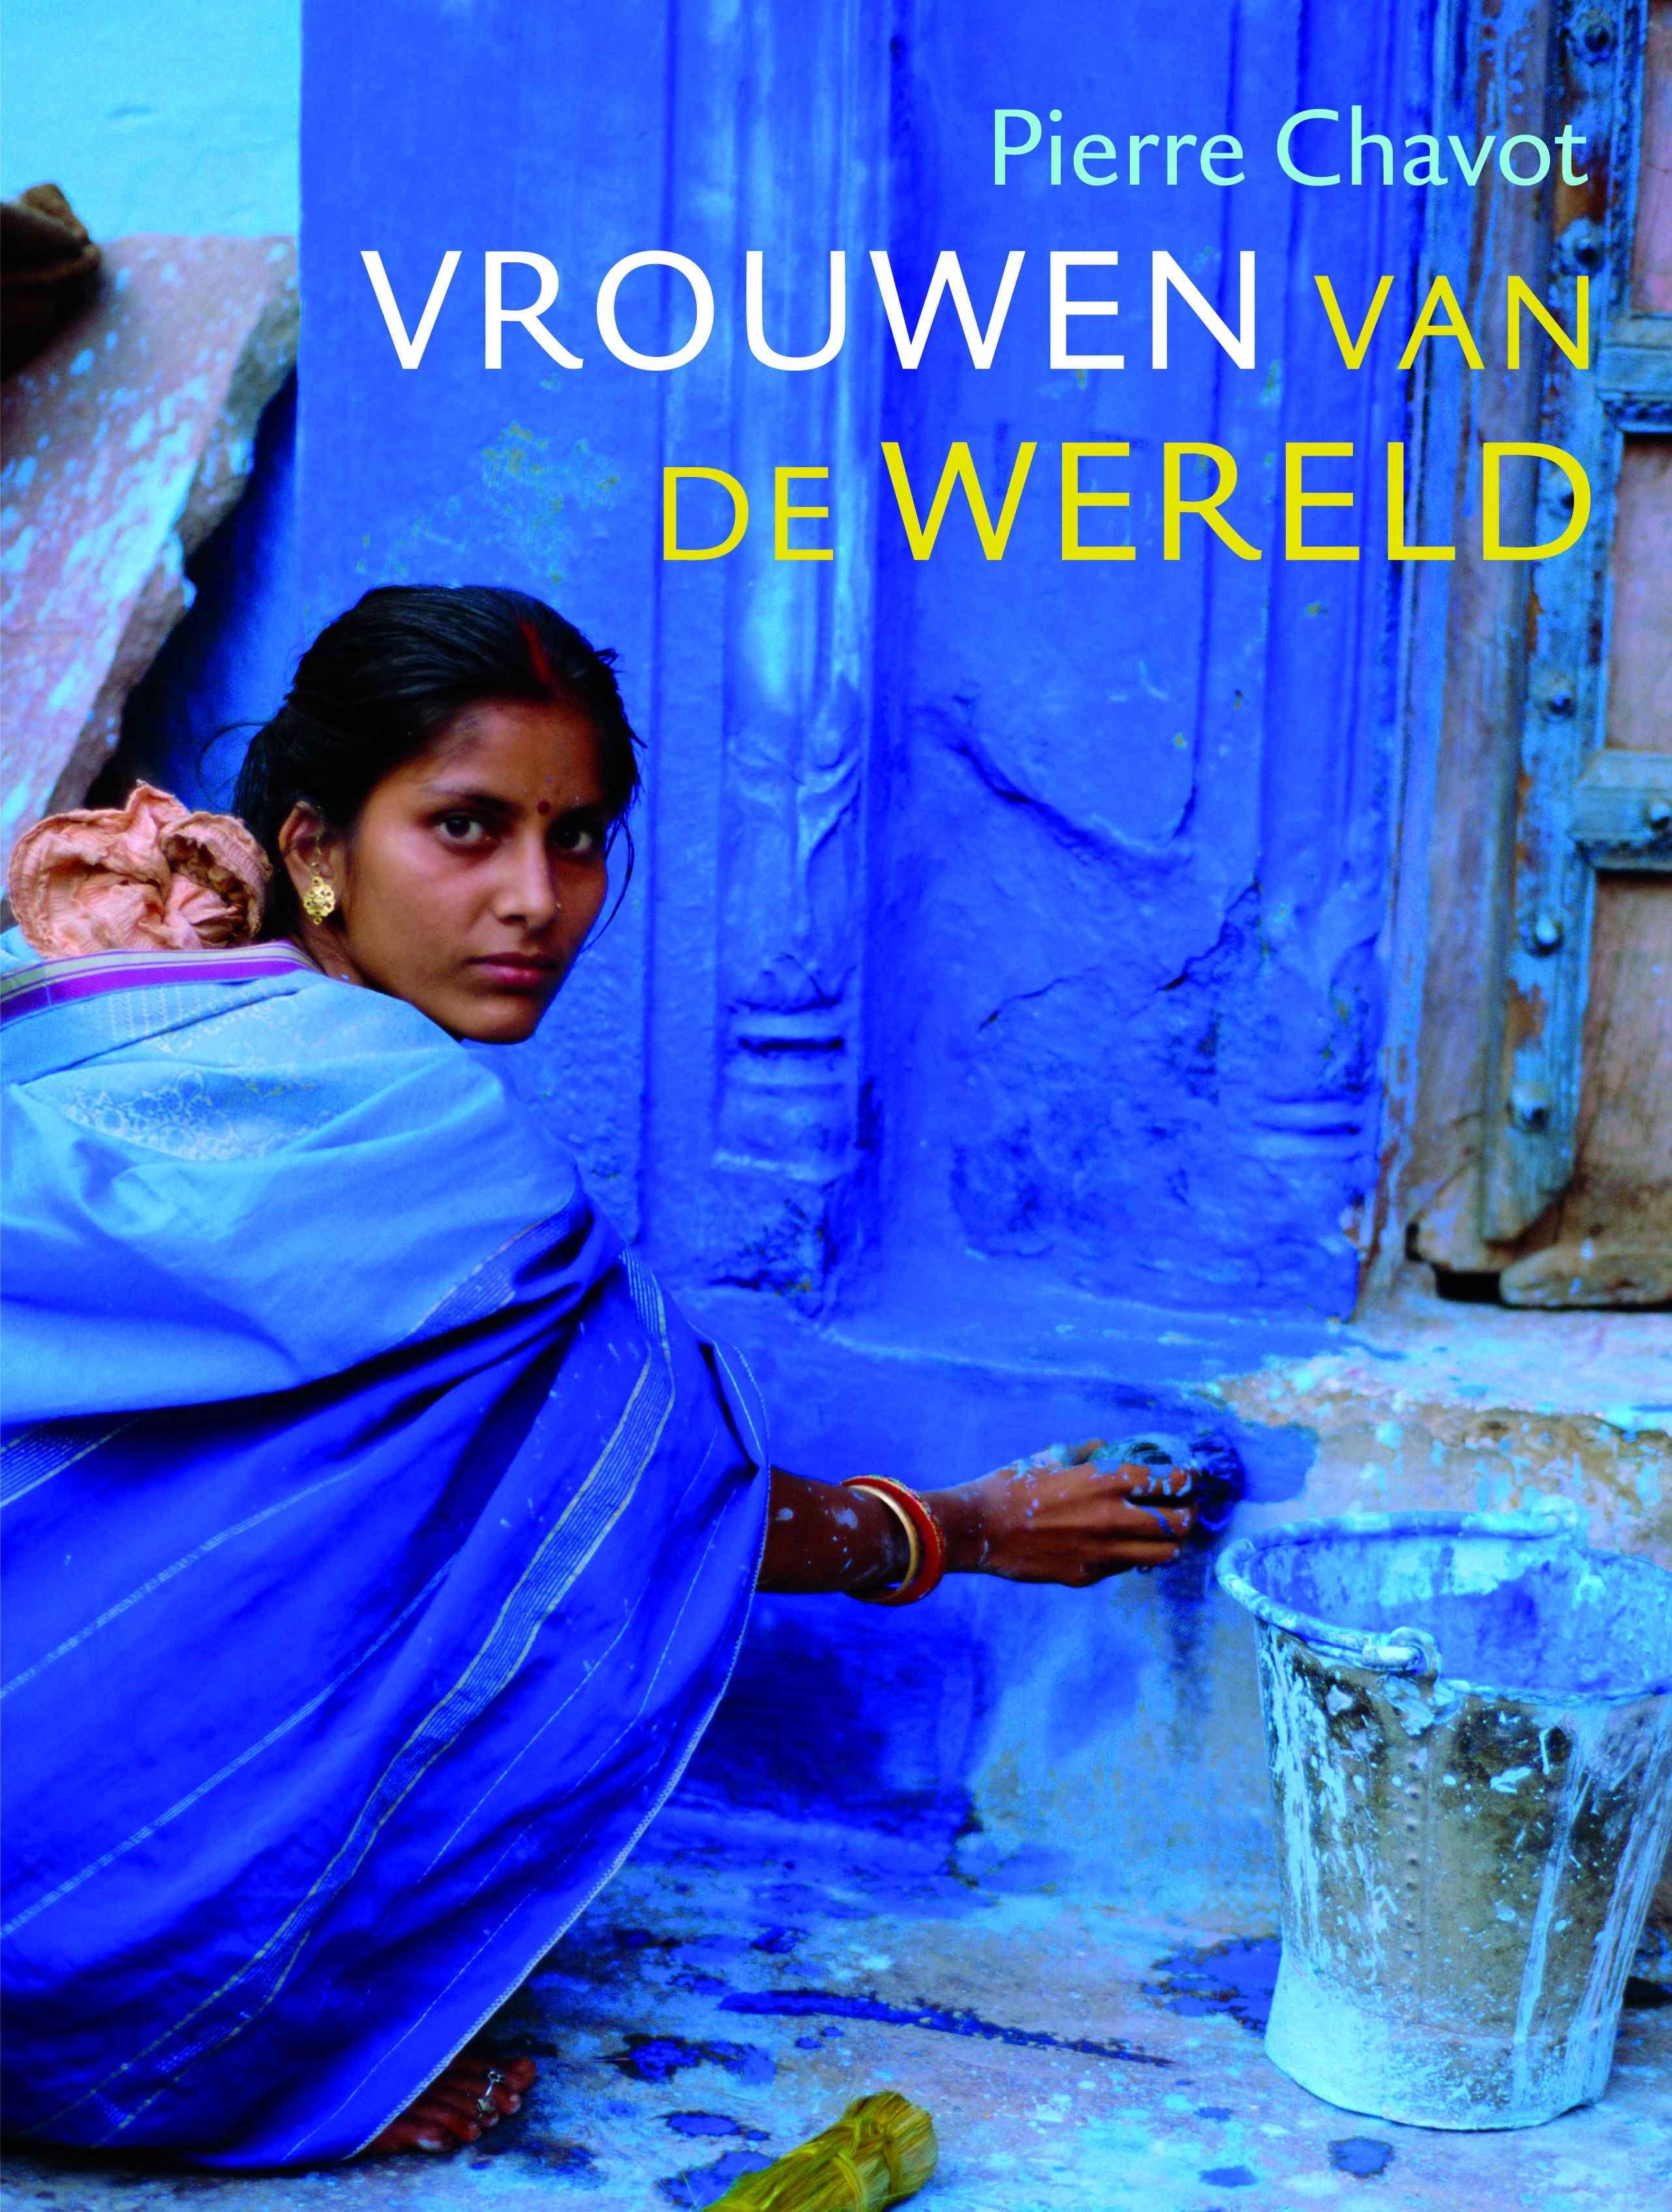 Ontmoet talrijke vrouwen over de hele wereld aan de hand van prachtige verhalen en foto's. >> Vrouwen van de wereld - Pierre Chavot - Fontaine - 208 pag. - € 24,95 - ISBN 9789059564510